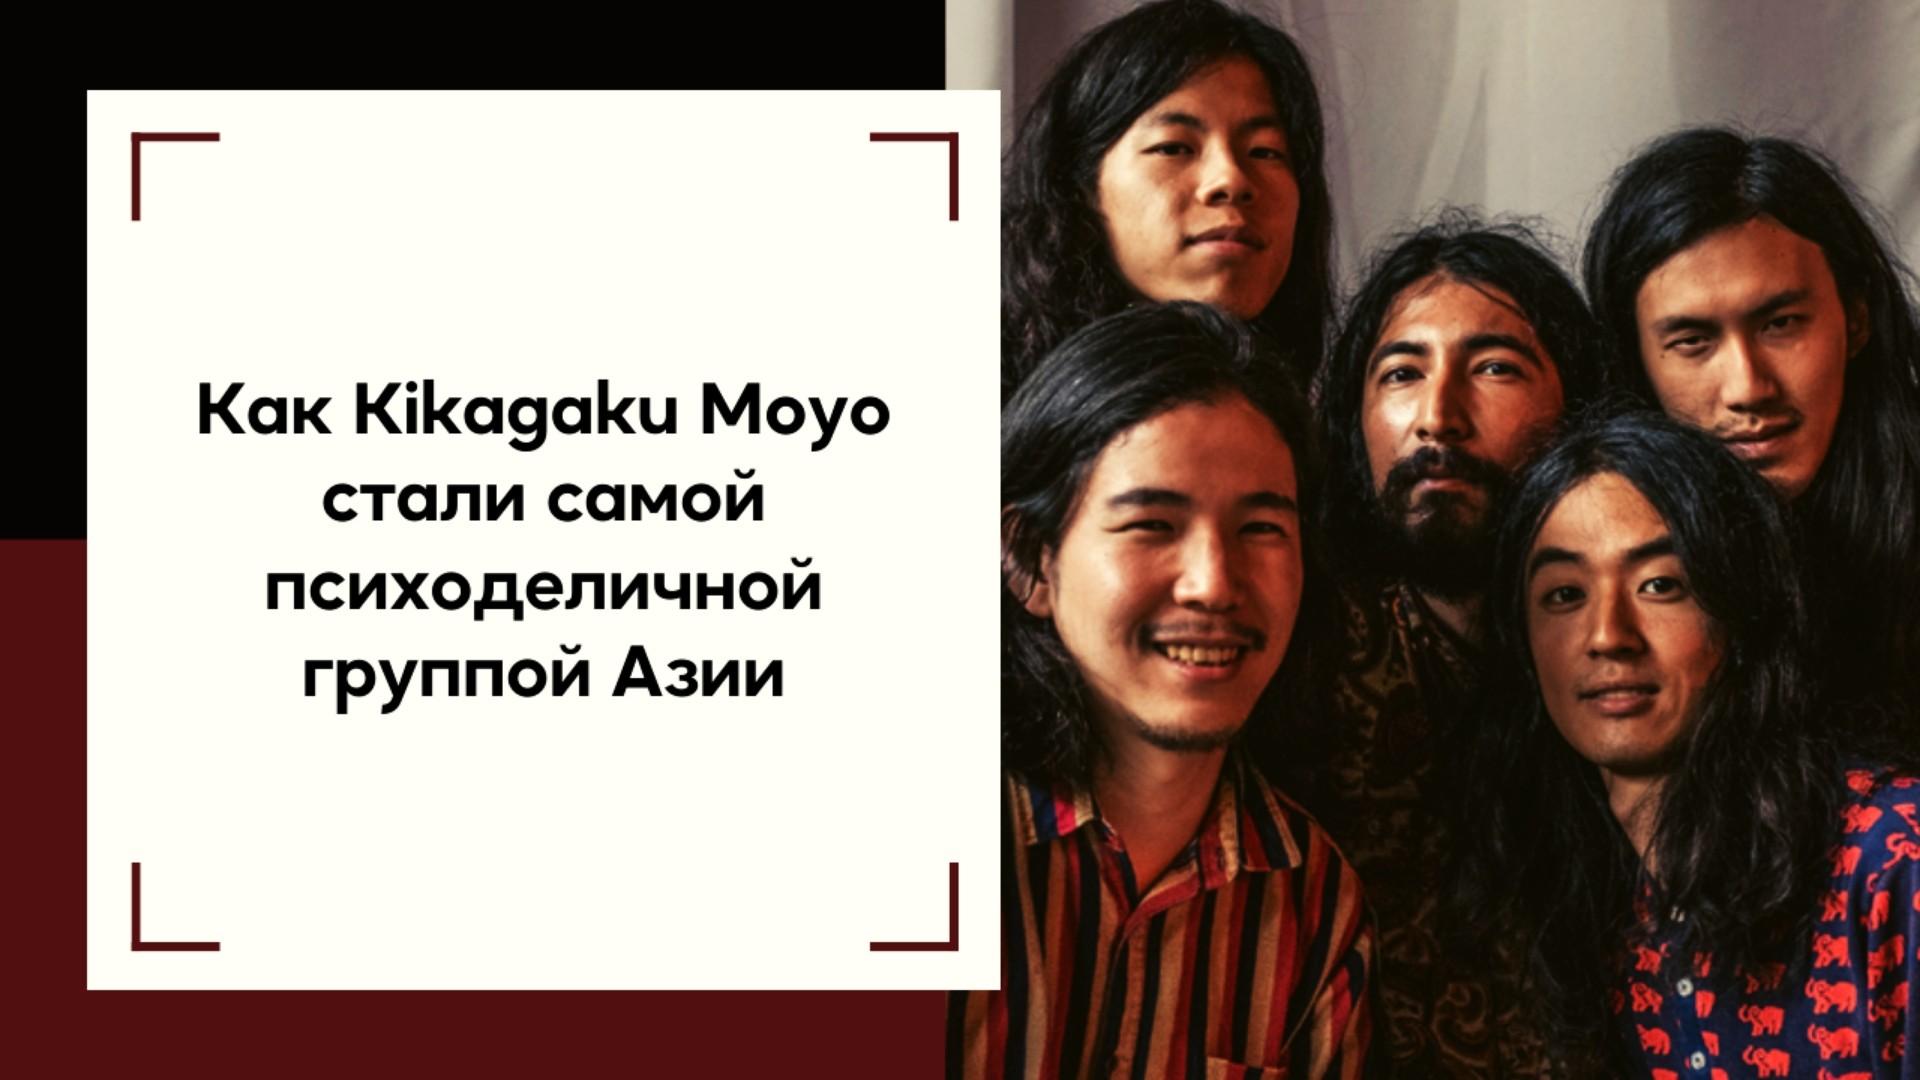 Как Kikagaku Moyo стали самой психоделической группой Азии